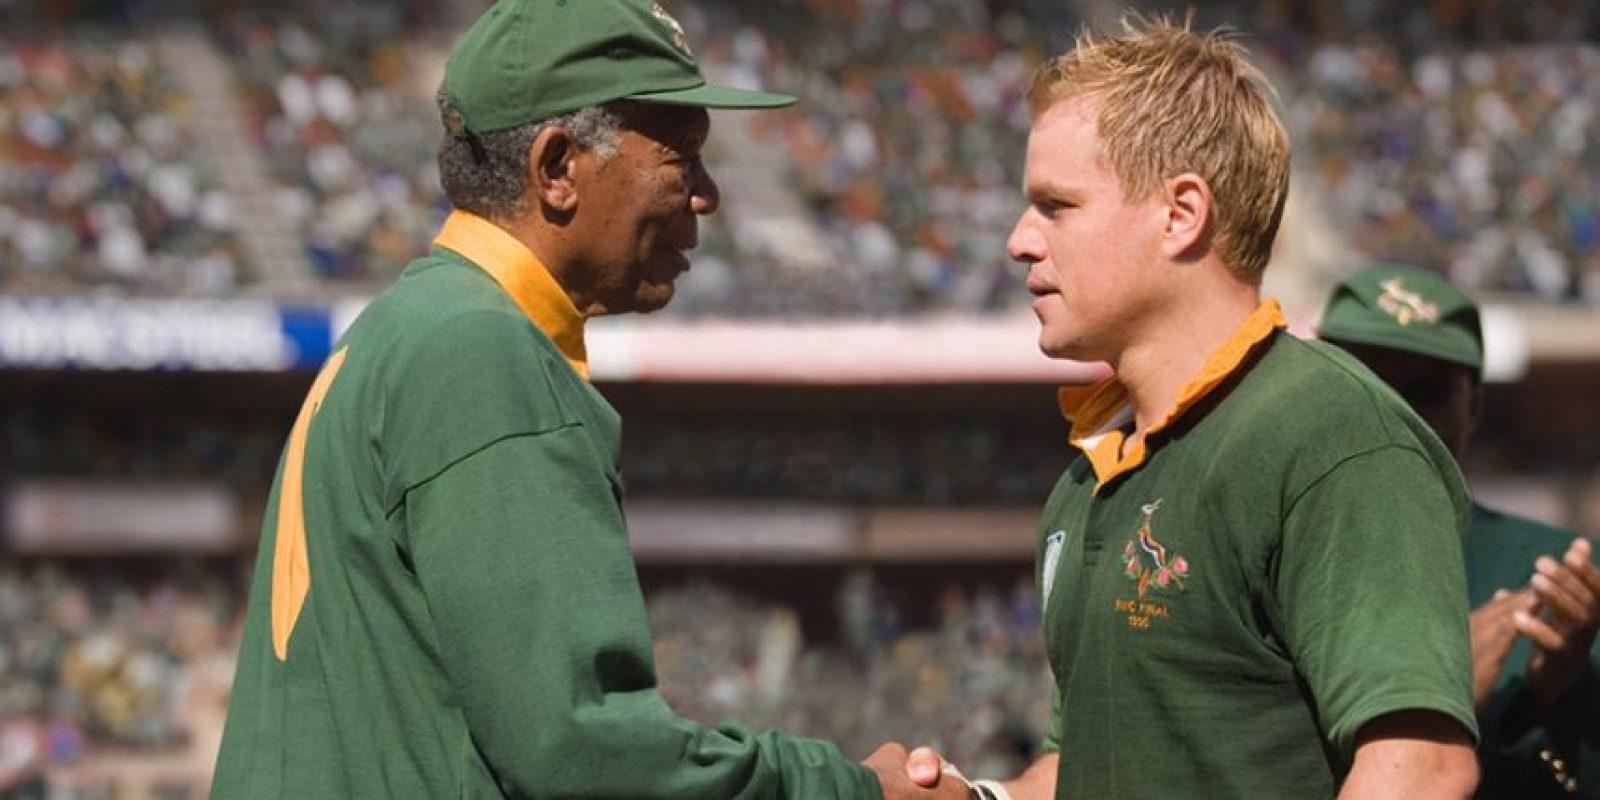 """Tras ser liberado de prisión y ya en el poder, Nelson Mandela (Morgan Freeman) buscó una política de reconciliación entre la clase negra oprimida por el """"apartheid"""" y los blancos, que piensan una posible revancha. El equipo de rugby, en su mayoría blanco, fue un pilar que encontró el exmandatario para unir al país con la ayuda del capitán del equipo François Piennar (Matt Damon). Foto:Warner Bros"""